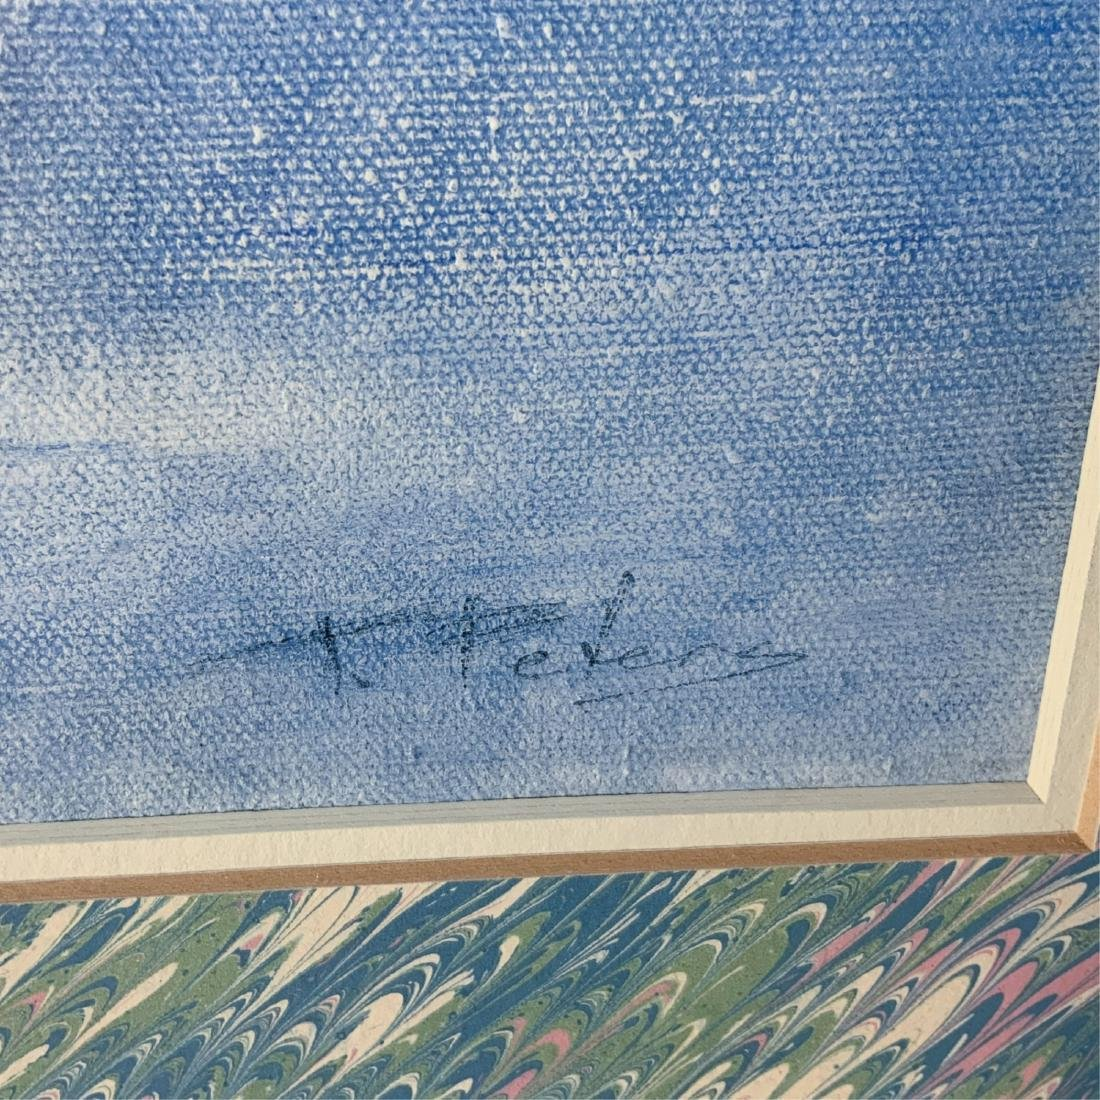 Original Signed Framed Floral Oil Painting 1978 - 5